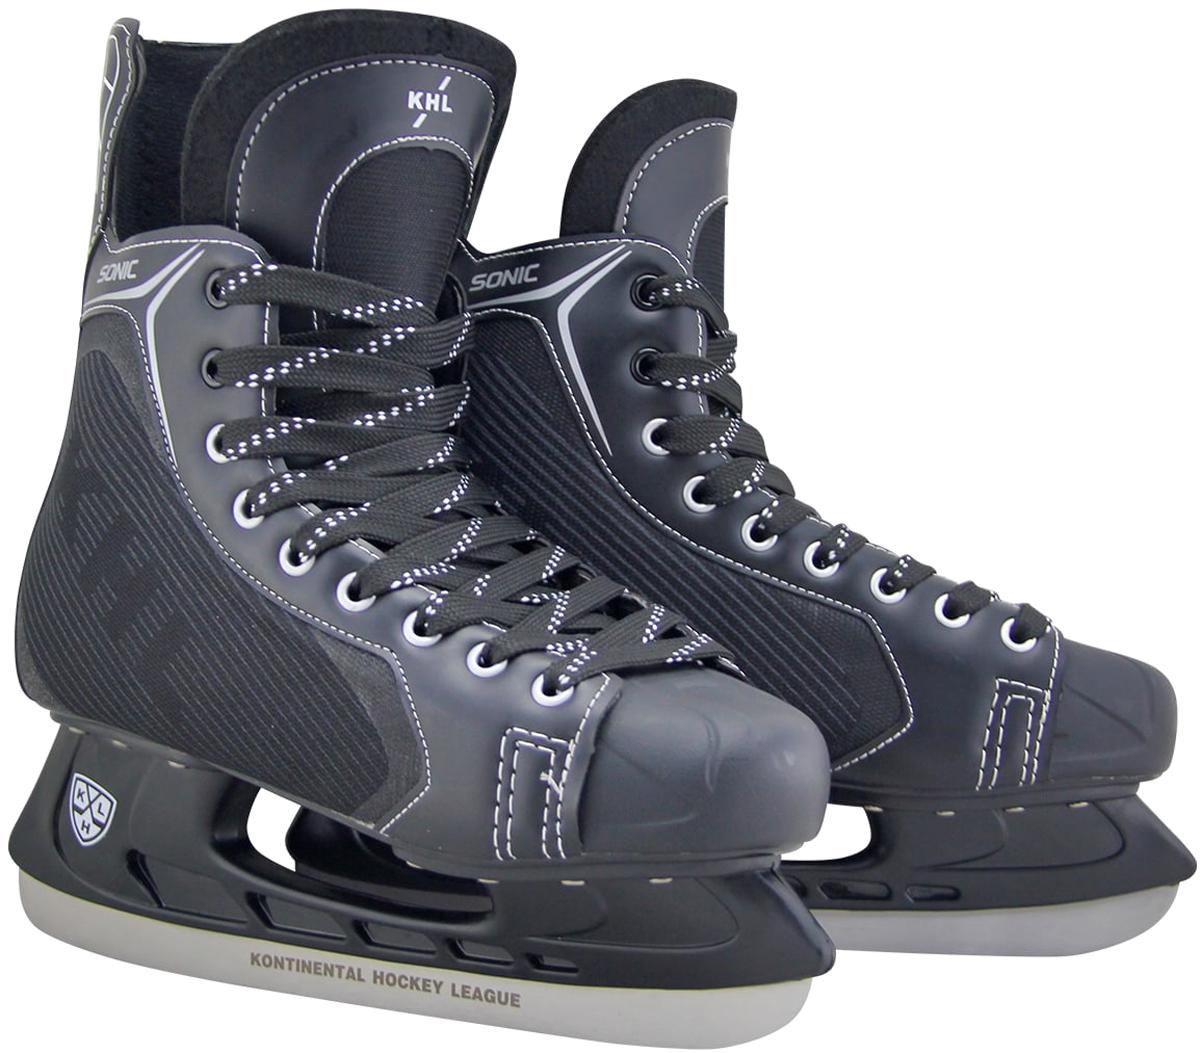 Коньки хоккейные мужские KHL Sonic, цвет: черный, серый, белый. Размер 39УТ-00010443Хоккейные коньки KHL Sonic являются официальной лицензионной продукцией Континентальной Хоккейной Лиги (КХЛ). Это прекрасная любительская модель коньков с уникальным стильным ассиметричным дизайном, выполненным в новой стилистической концепции КХЛ. Модель выполнена из износостойких материалов, устойчивых к порезам. Усиленная жесткость ботинка для более уверенного катания. Дополнительные вставки из EVA и MEMORY foam обеспечат комфорт. Лезвие выполнено из высокоуглеродистой стали с покрытием из никеля. Шнуровка надежно зафиксирует модель на ноге.Коньки подходят для использования на открытом и закрытом льду.